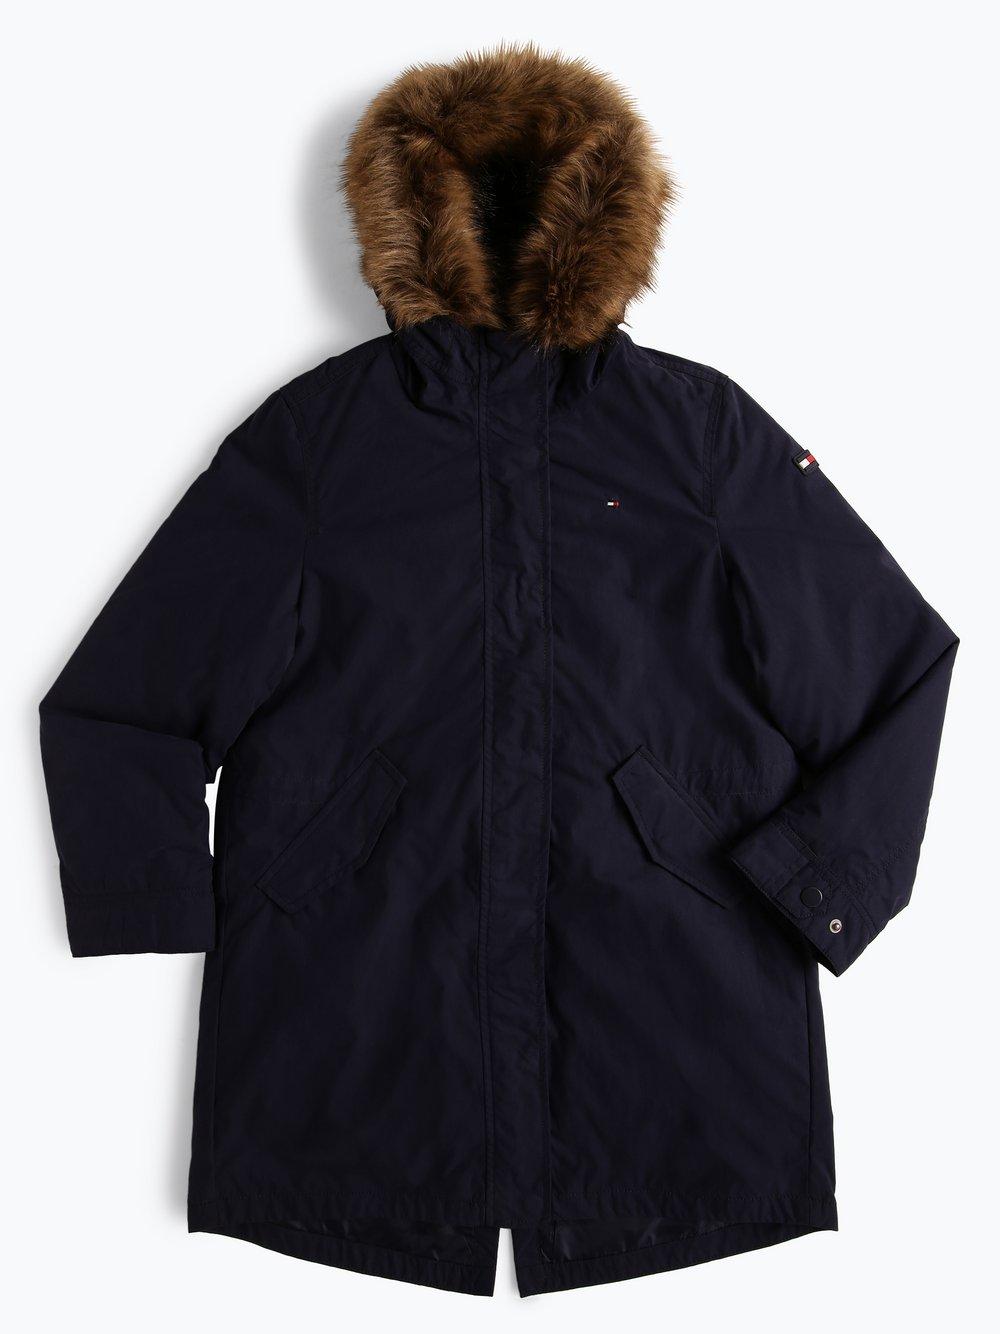 zuverlässigste 2019 heißer verkauf süß billig Tommy Hilfiger Mädchen 3-in-1 Jacke online kaufen | VANGRAAF.COM